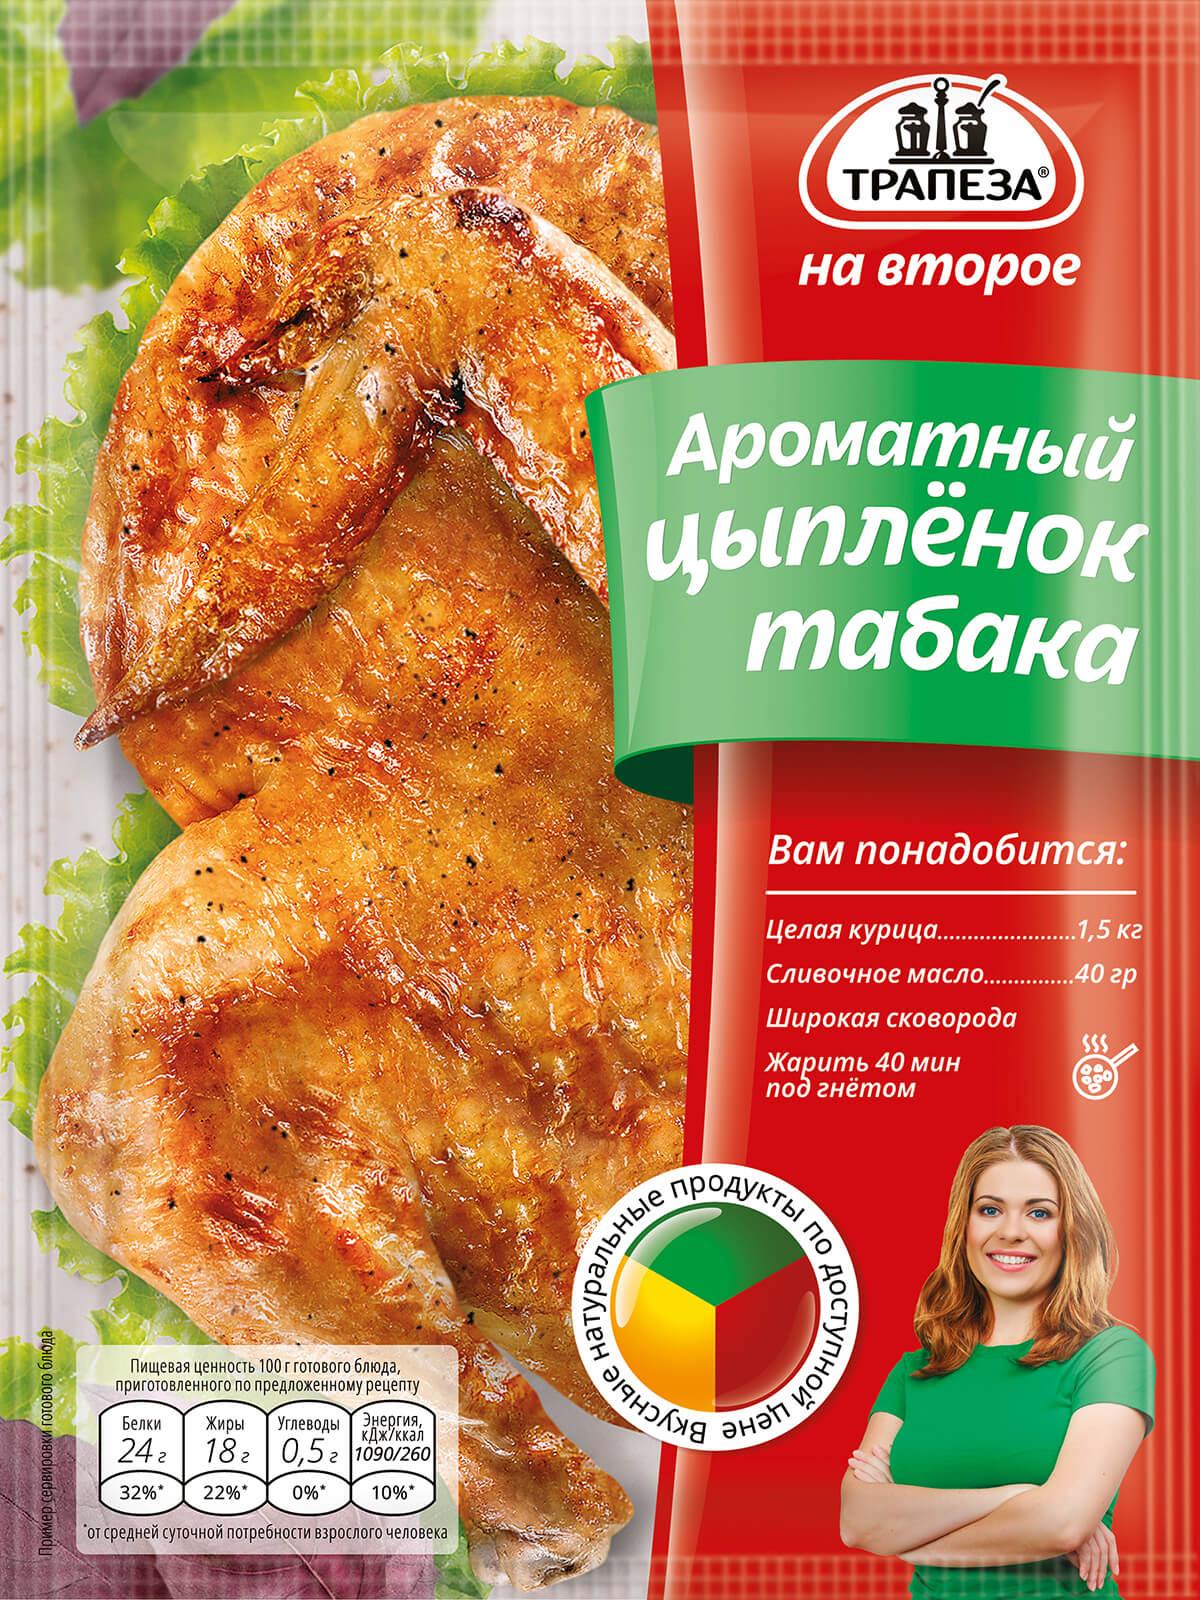 Трапеза на второе смесь для приготовления ароматного цыпленка табака